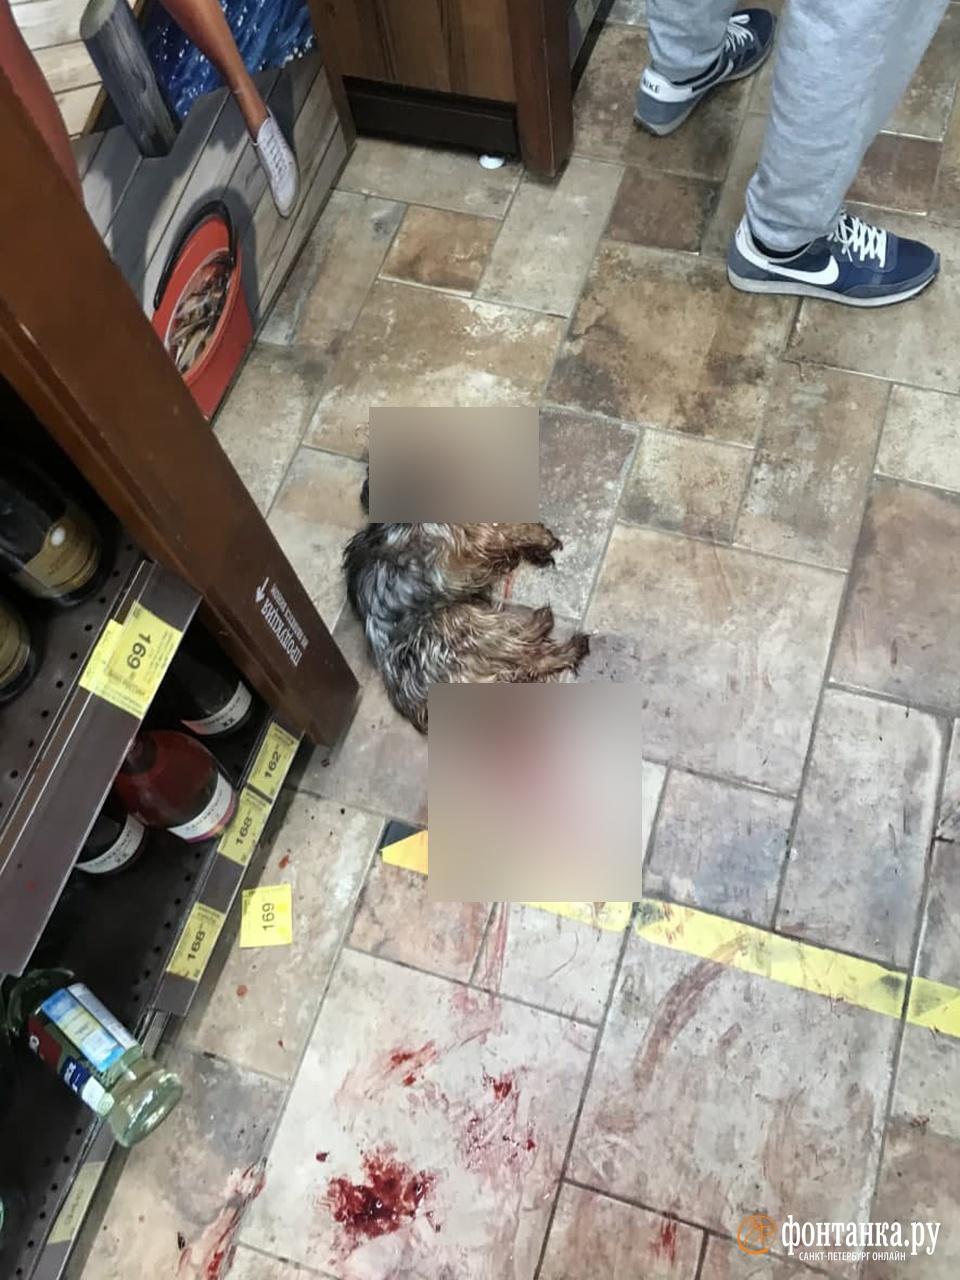 «Напала без провокаций и молниеносно». В Петербурге бойцовская собака разделалась с маленьким Гошей на глазах посетителей магазина